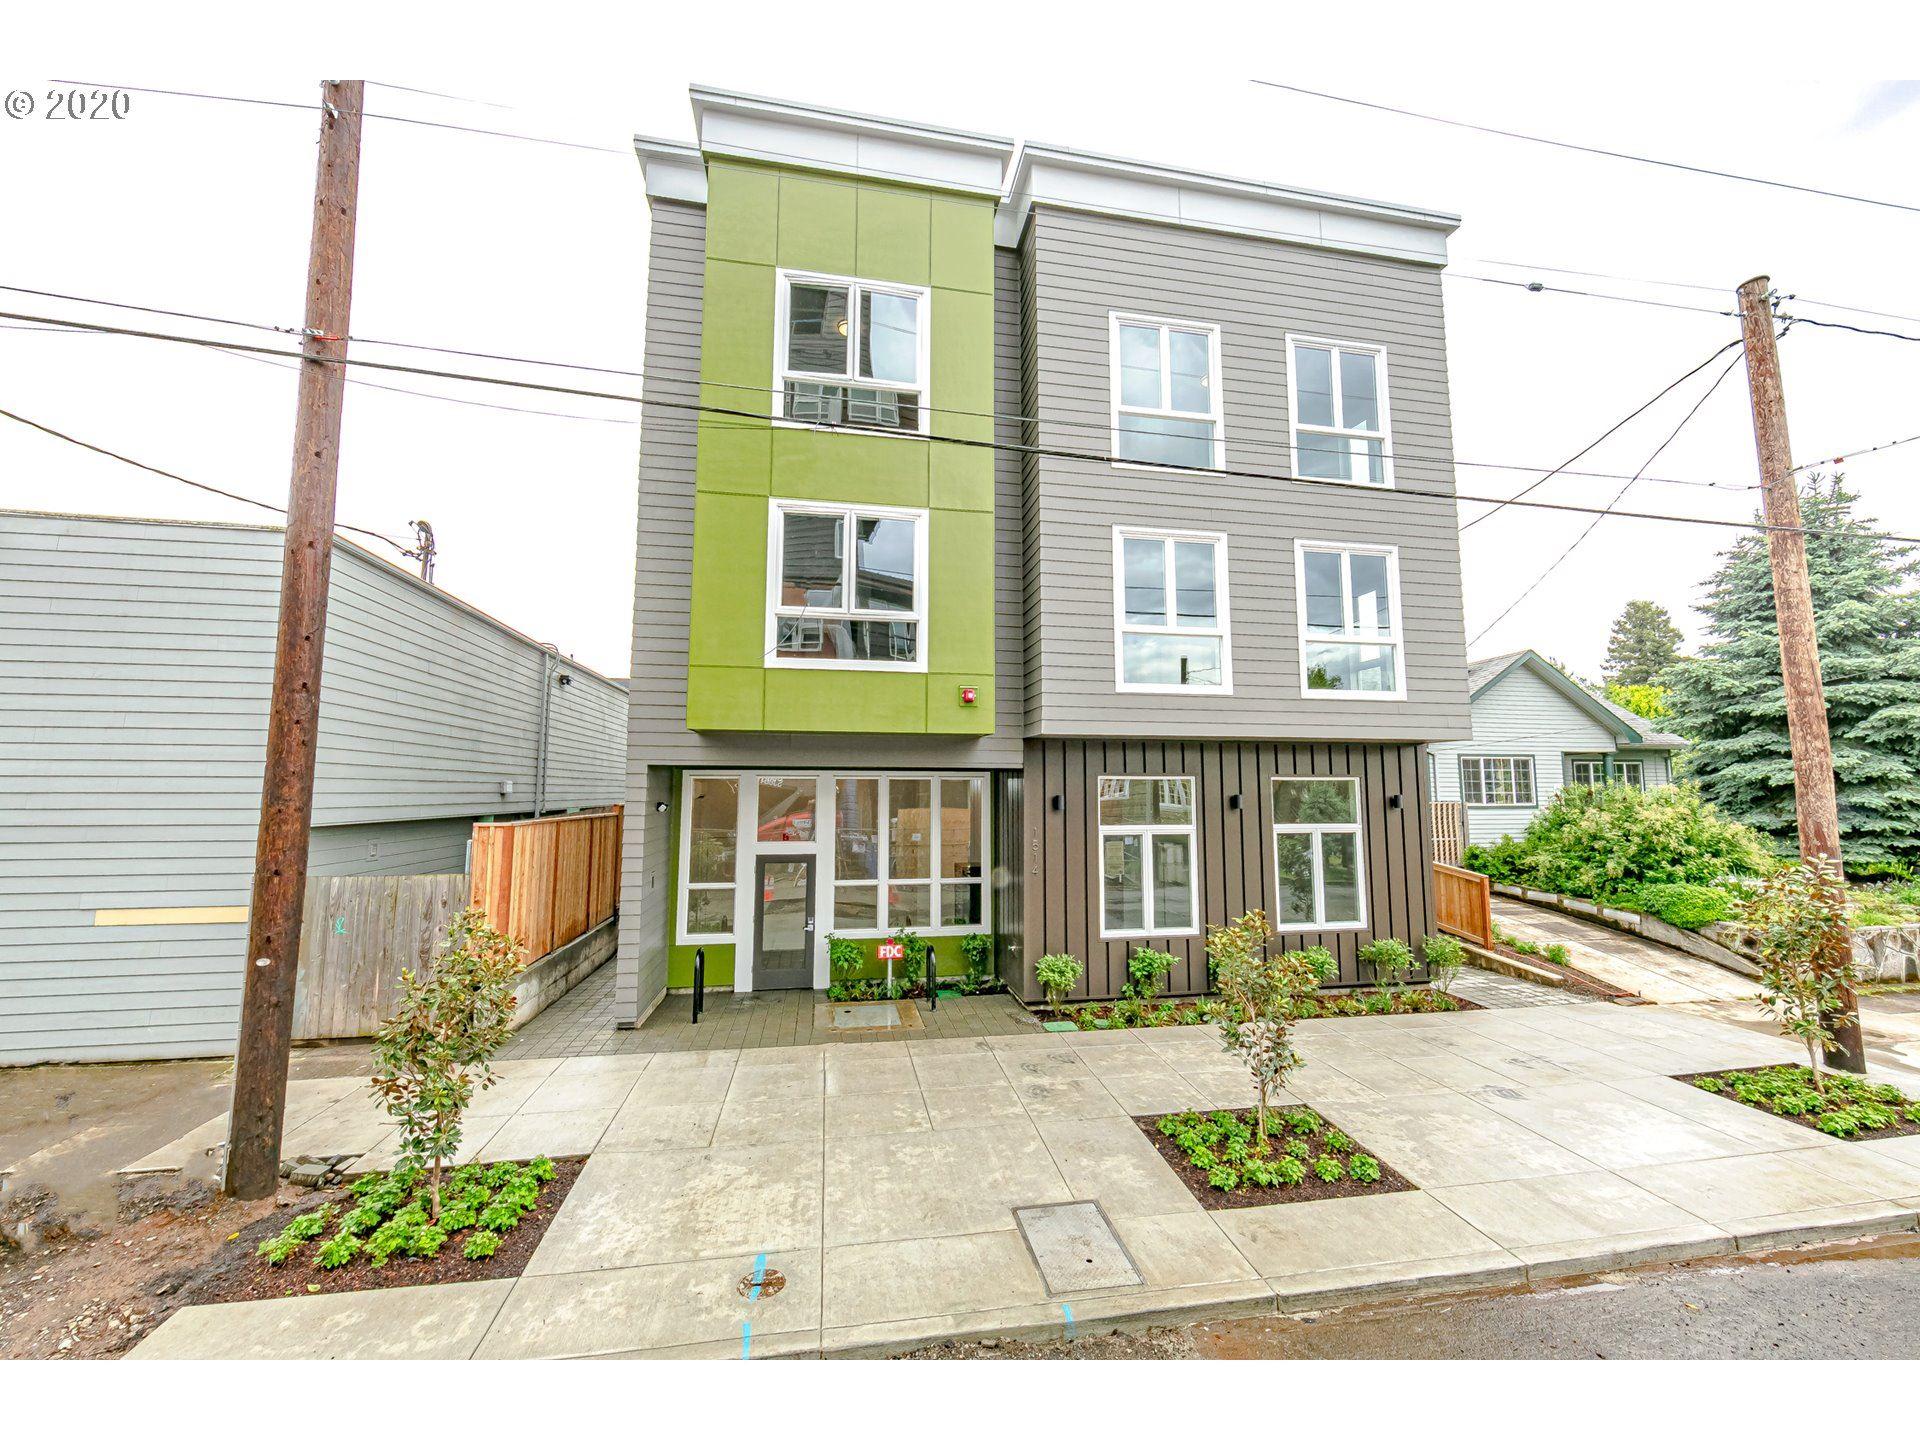 1514 N EMERSON ST, Portland, OR 97217 - MLS#: 20124158